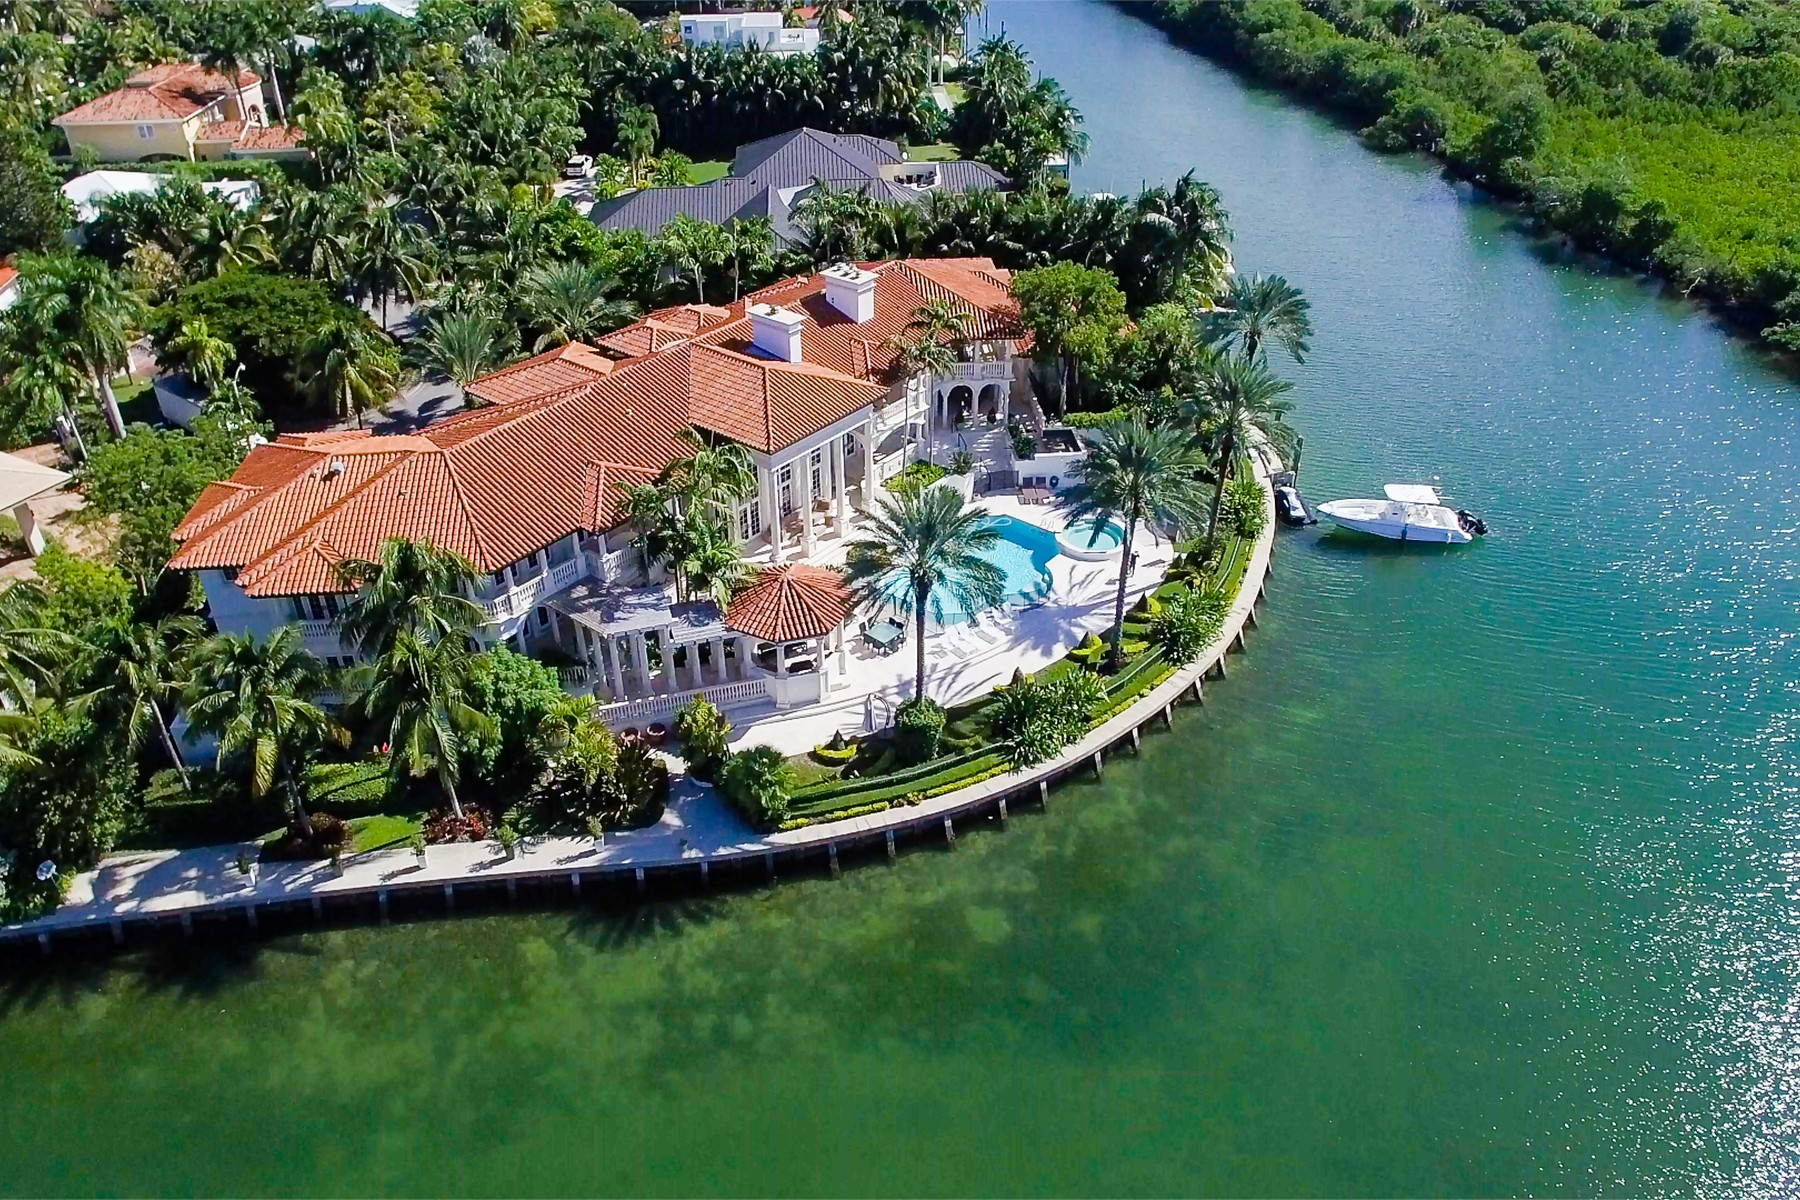 Tek Ailelik Ev için Satış at 260 Cape Florida Dr Key Biscayne, Florida, 33149 Amerika Birleşik Devletleri